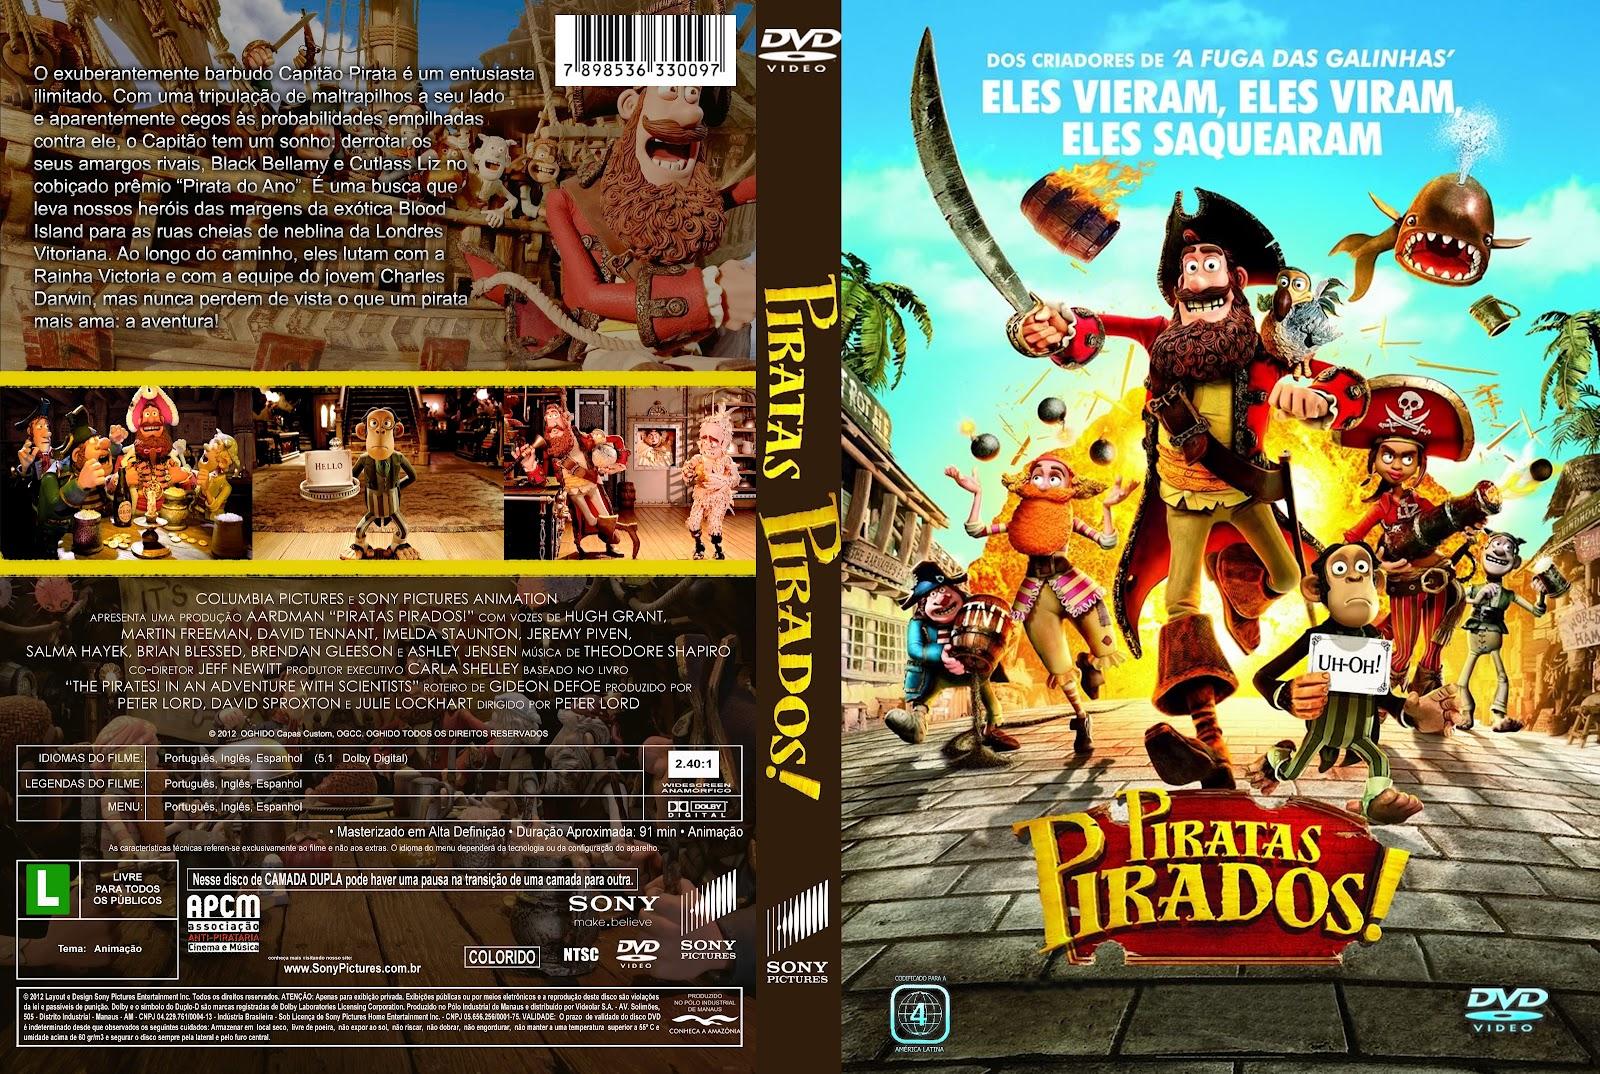 http://2.bp.blogspot.com/-IvLiQmQoh_s/UAQjH64YmbI/AAAAAAAAEvU/PA43FDo_7W8/s1600/Piratas%2BPirados%2521.jpg